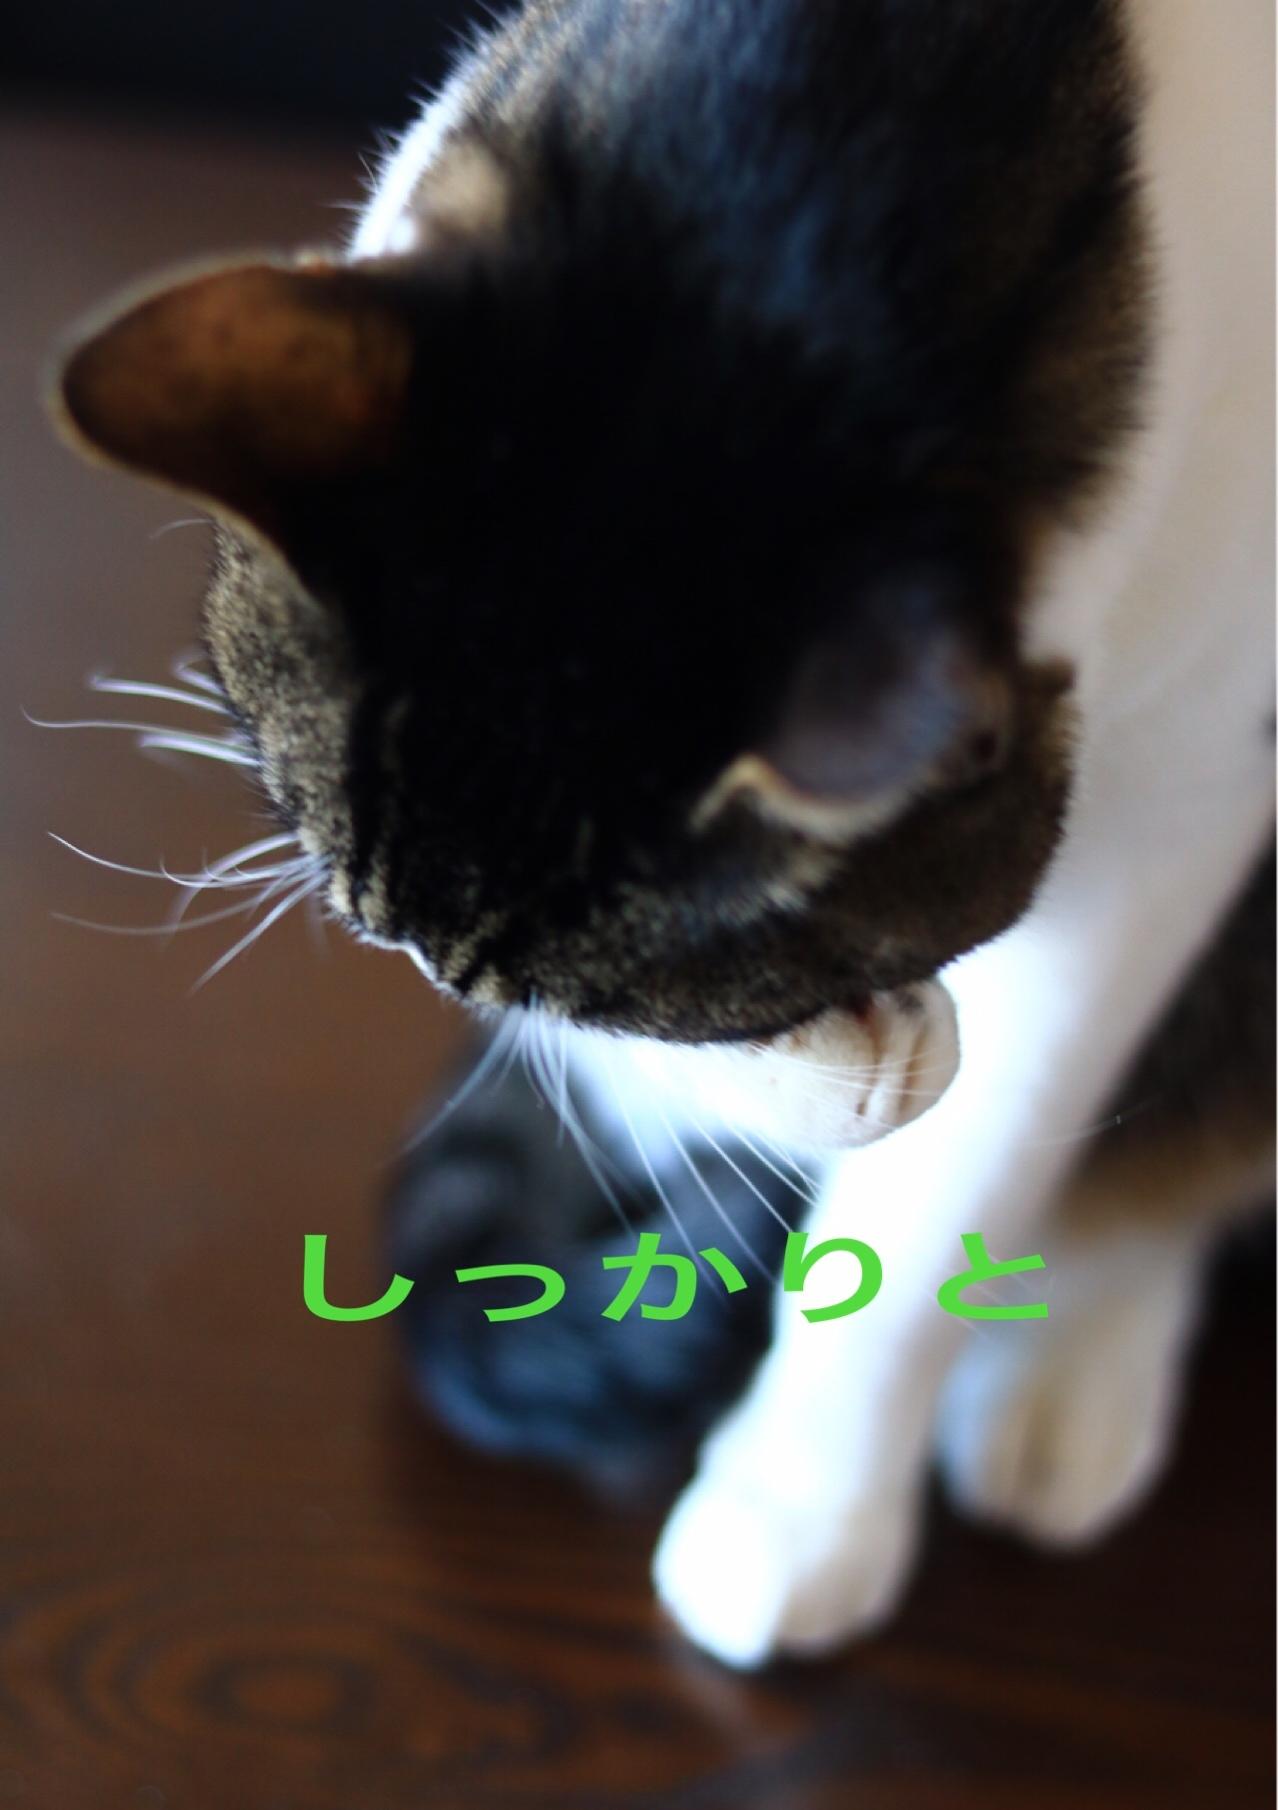 c0366722_20122196.jpeg